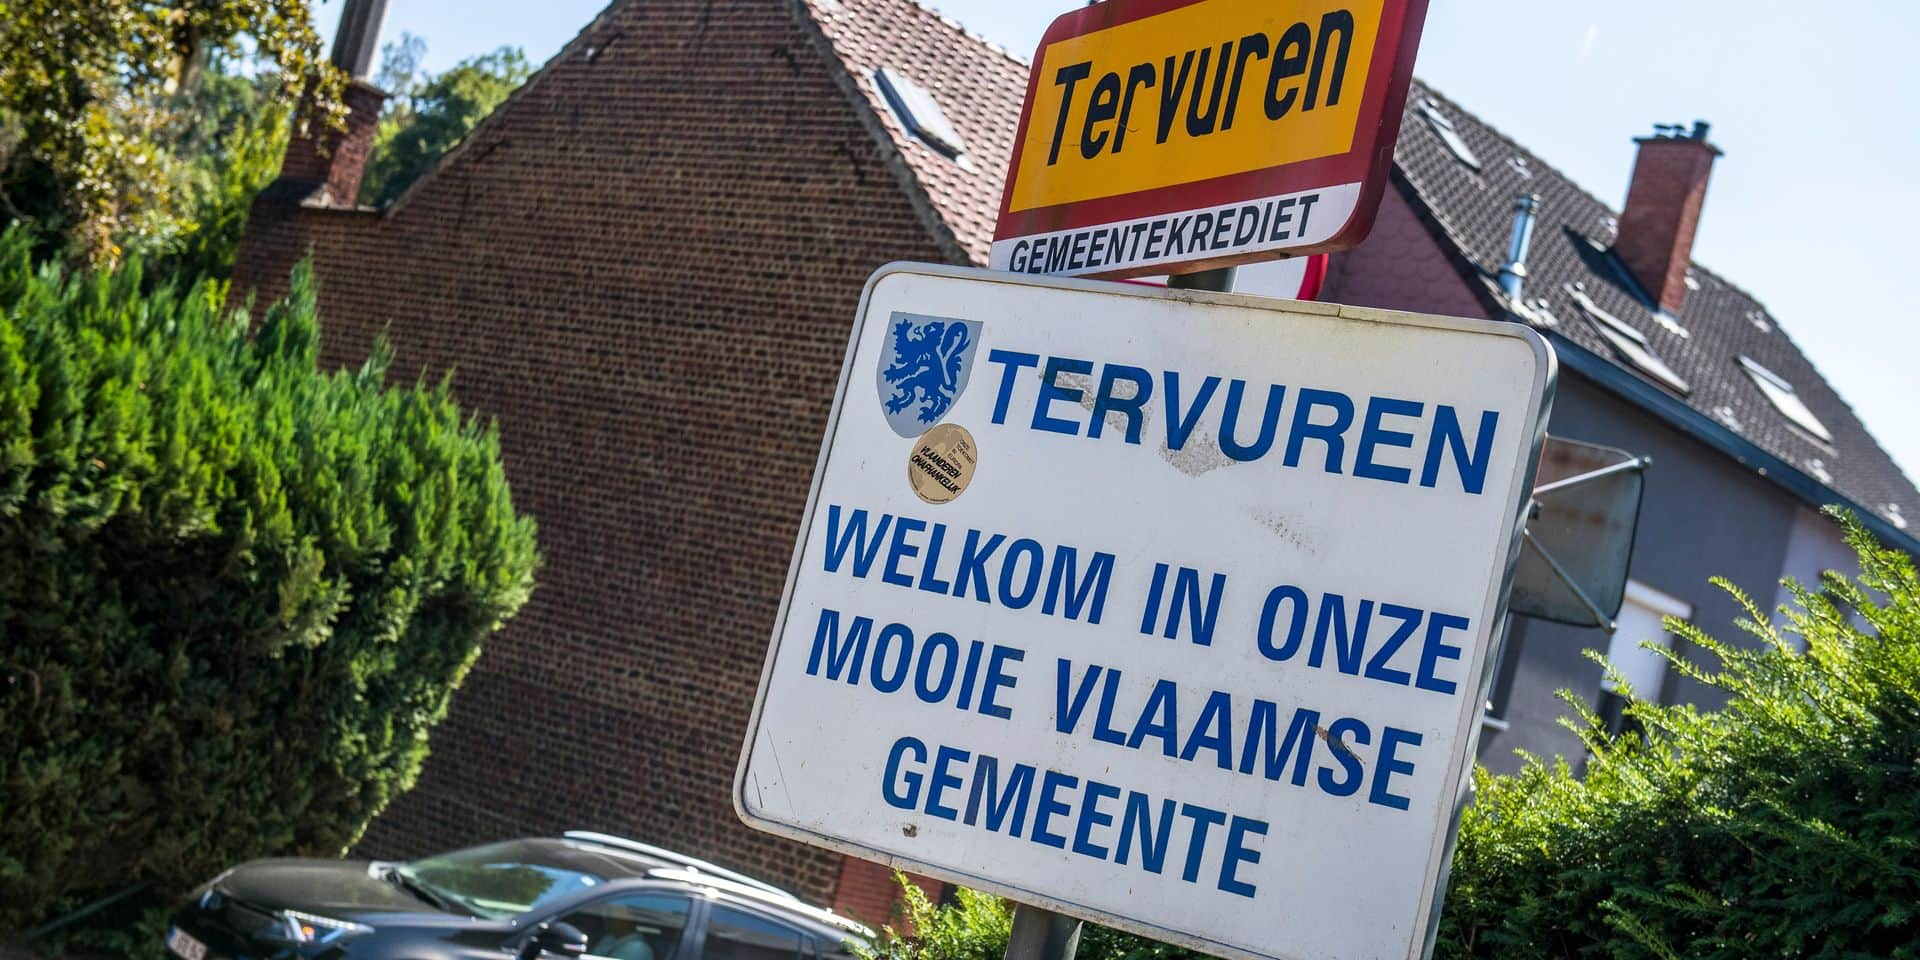 Tervuren Unie joue la carte de la diversité